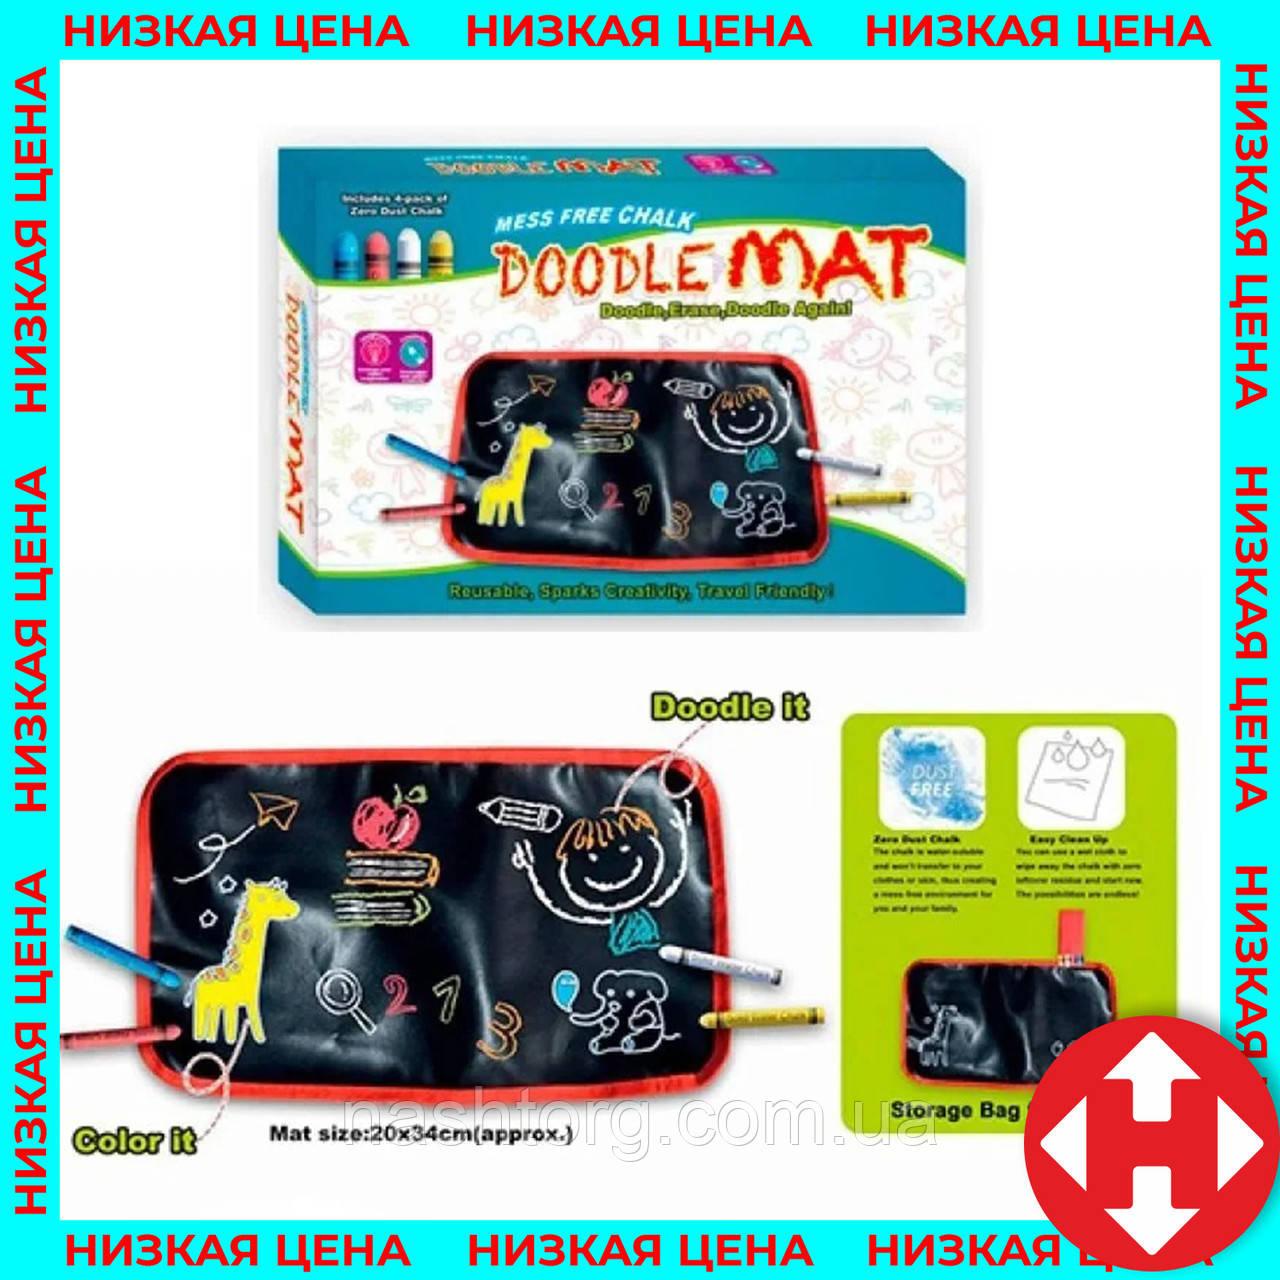 Распродажа! Коврик-aльбом для рисования мелками (мелом) малый Doodle Mat - для детского творчества дома